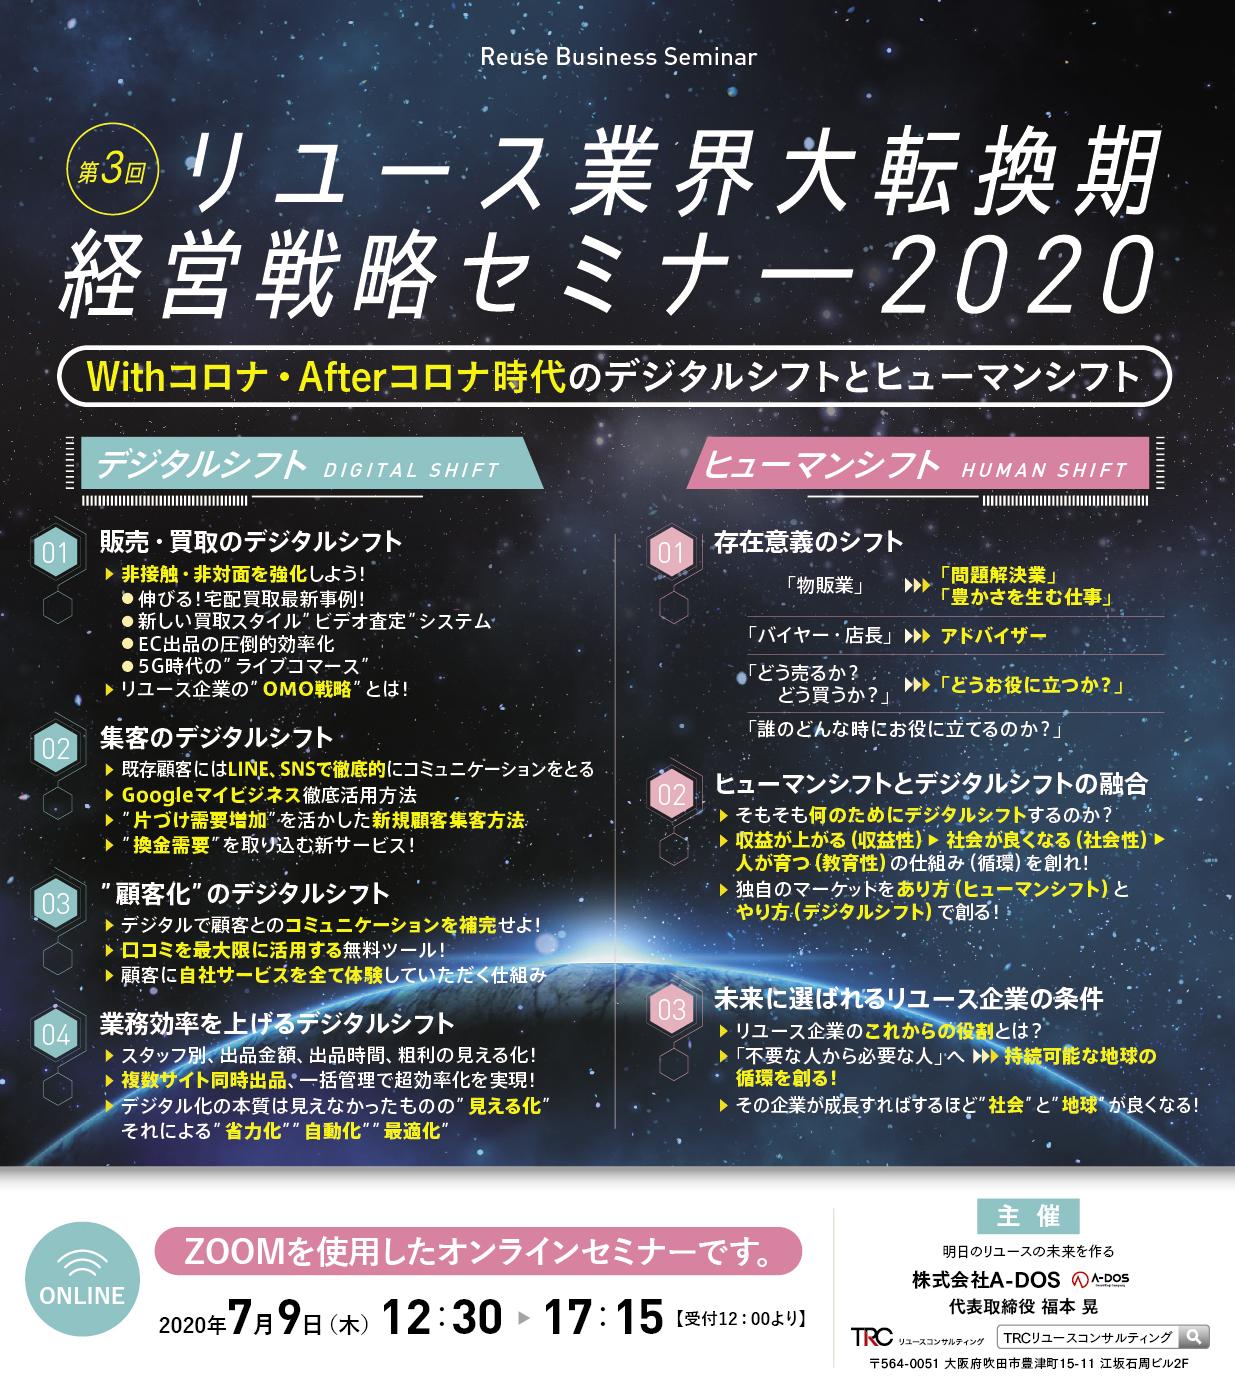 リユース業界大転換期経営戦略セミナー2020